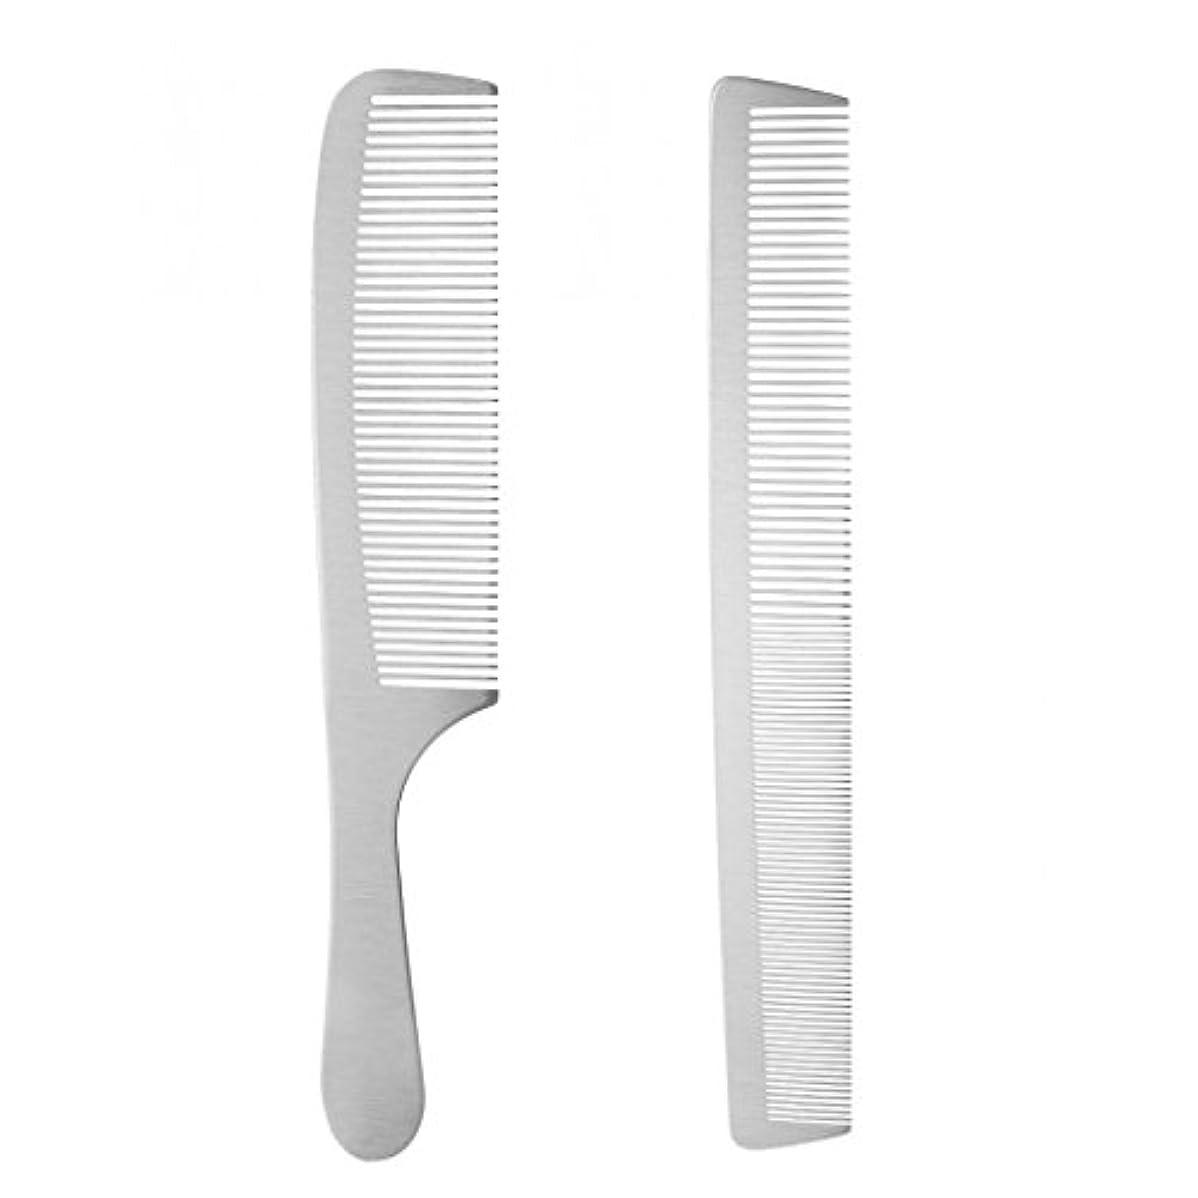 八百屋緊張効能あるBaosity 2個 ヘアスタイリング ヘアカットコーム 櫛 ヘアブラシ ステンレス鋼 サロン 理髪師 カッティング 耐久性 耐熱性